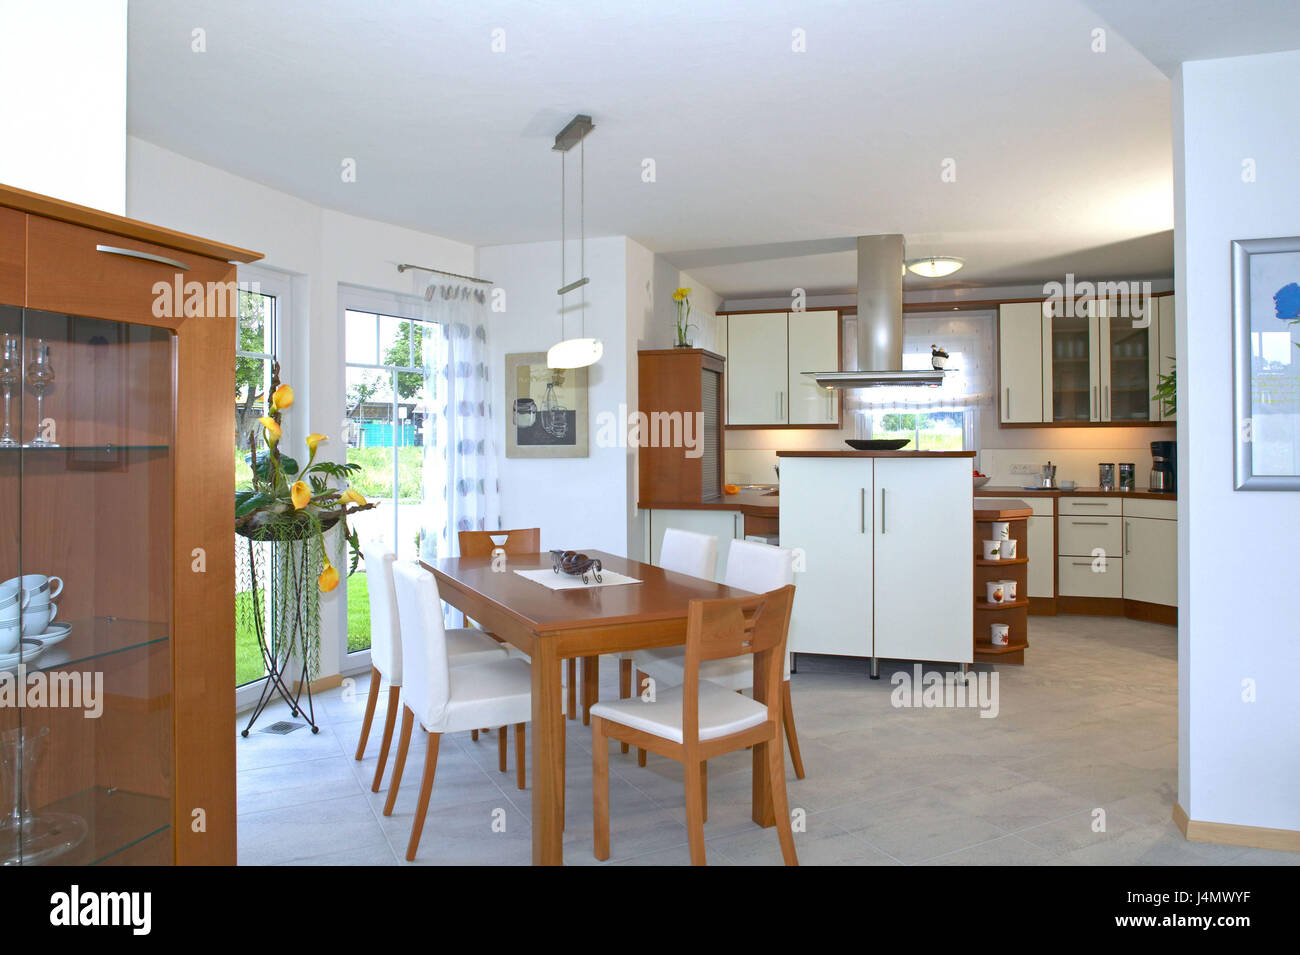 Einfamilienhaus, Küche, Esszimmer flach, lebendigen Platz Leben ...